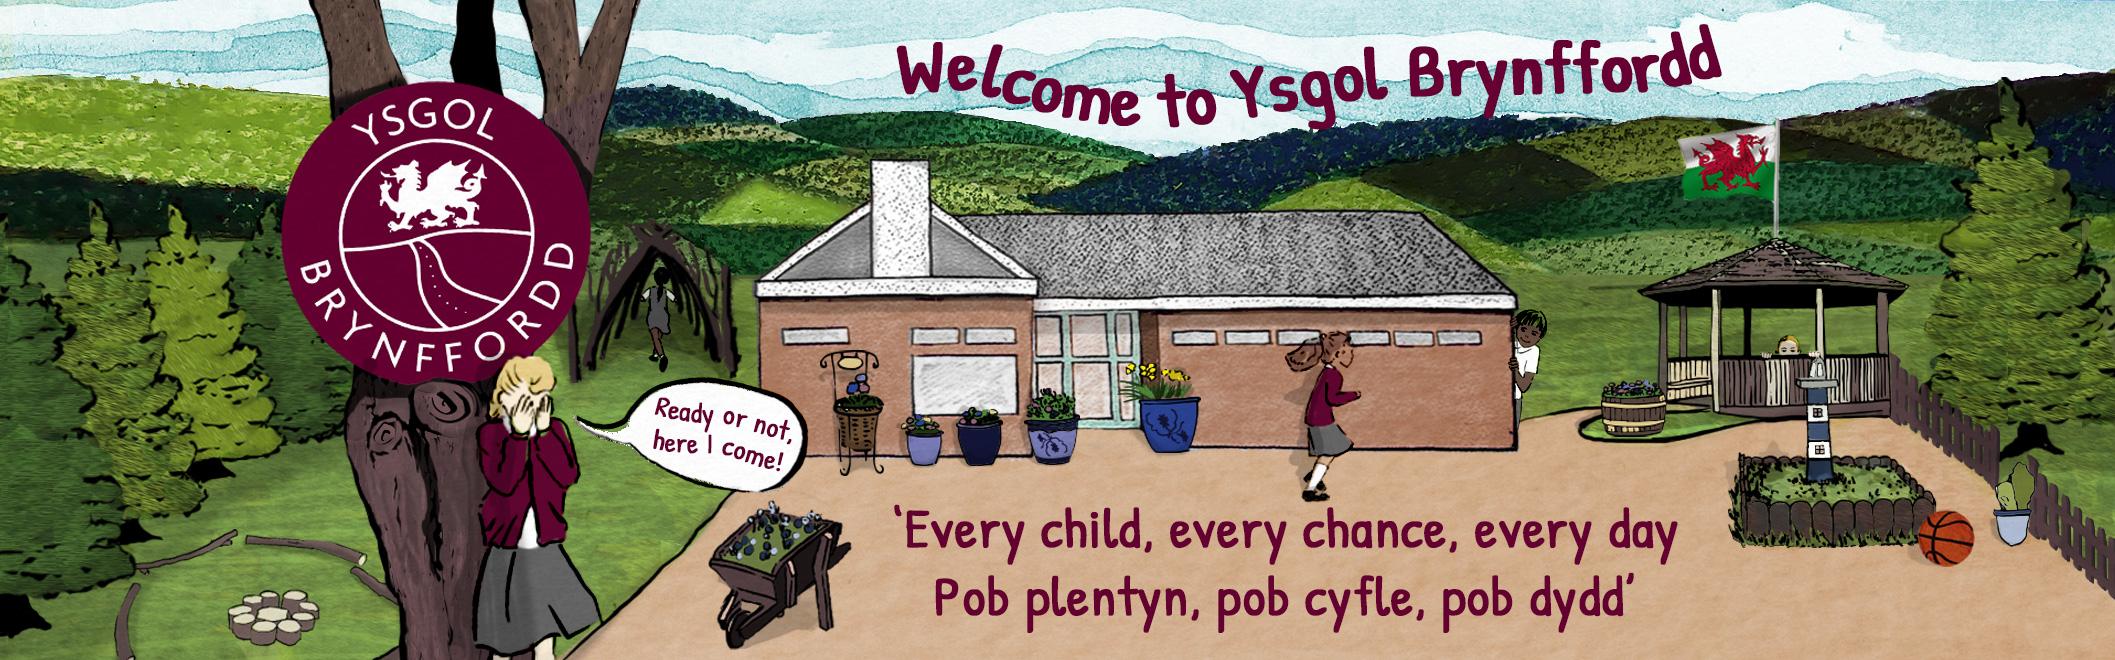 Ysgol Brynffordd, Treffynnon | Brynford Primary, Holywell